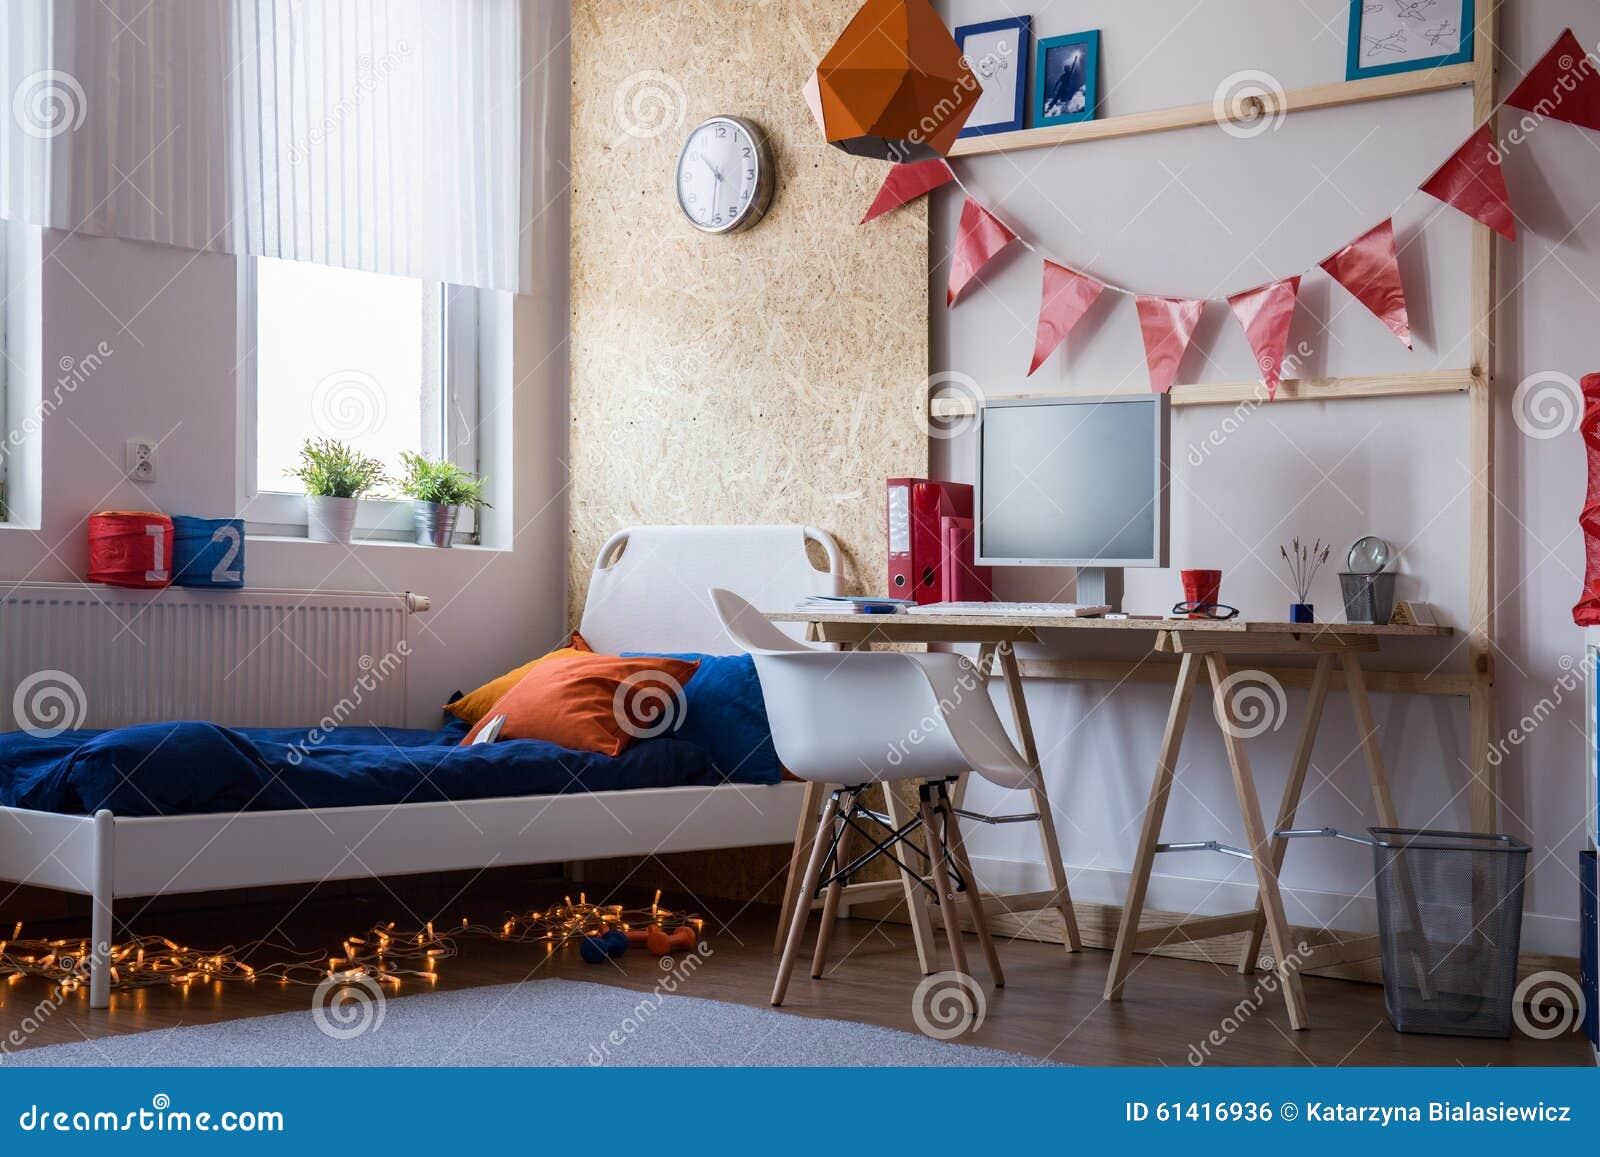 Modernes schlafzimmer f r jugendlich jungen stockfoto bild von wohnsitz bett 61416936 - Jungen schlafzimmer ...